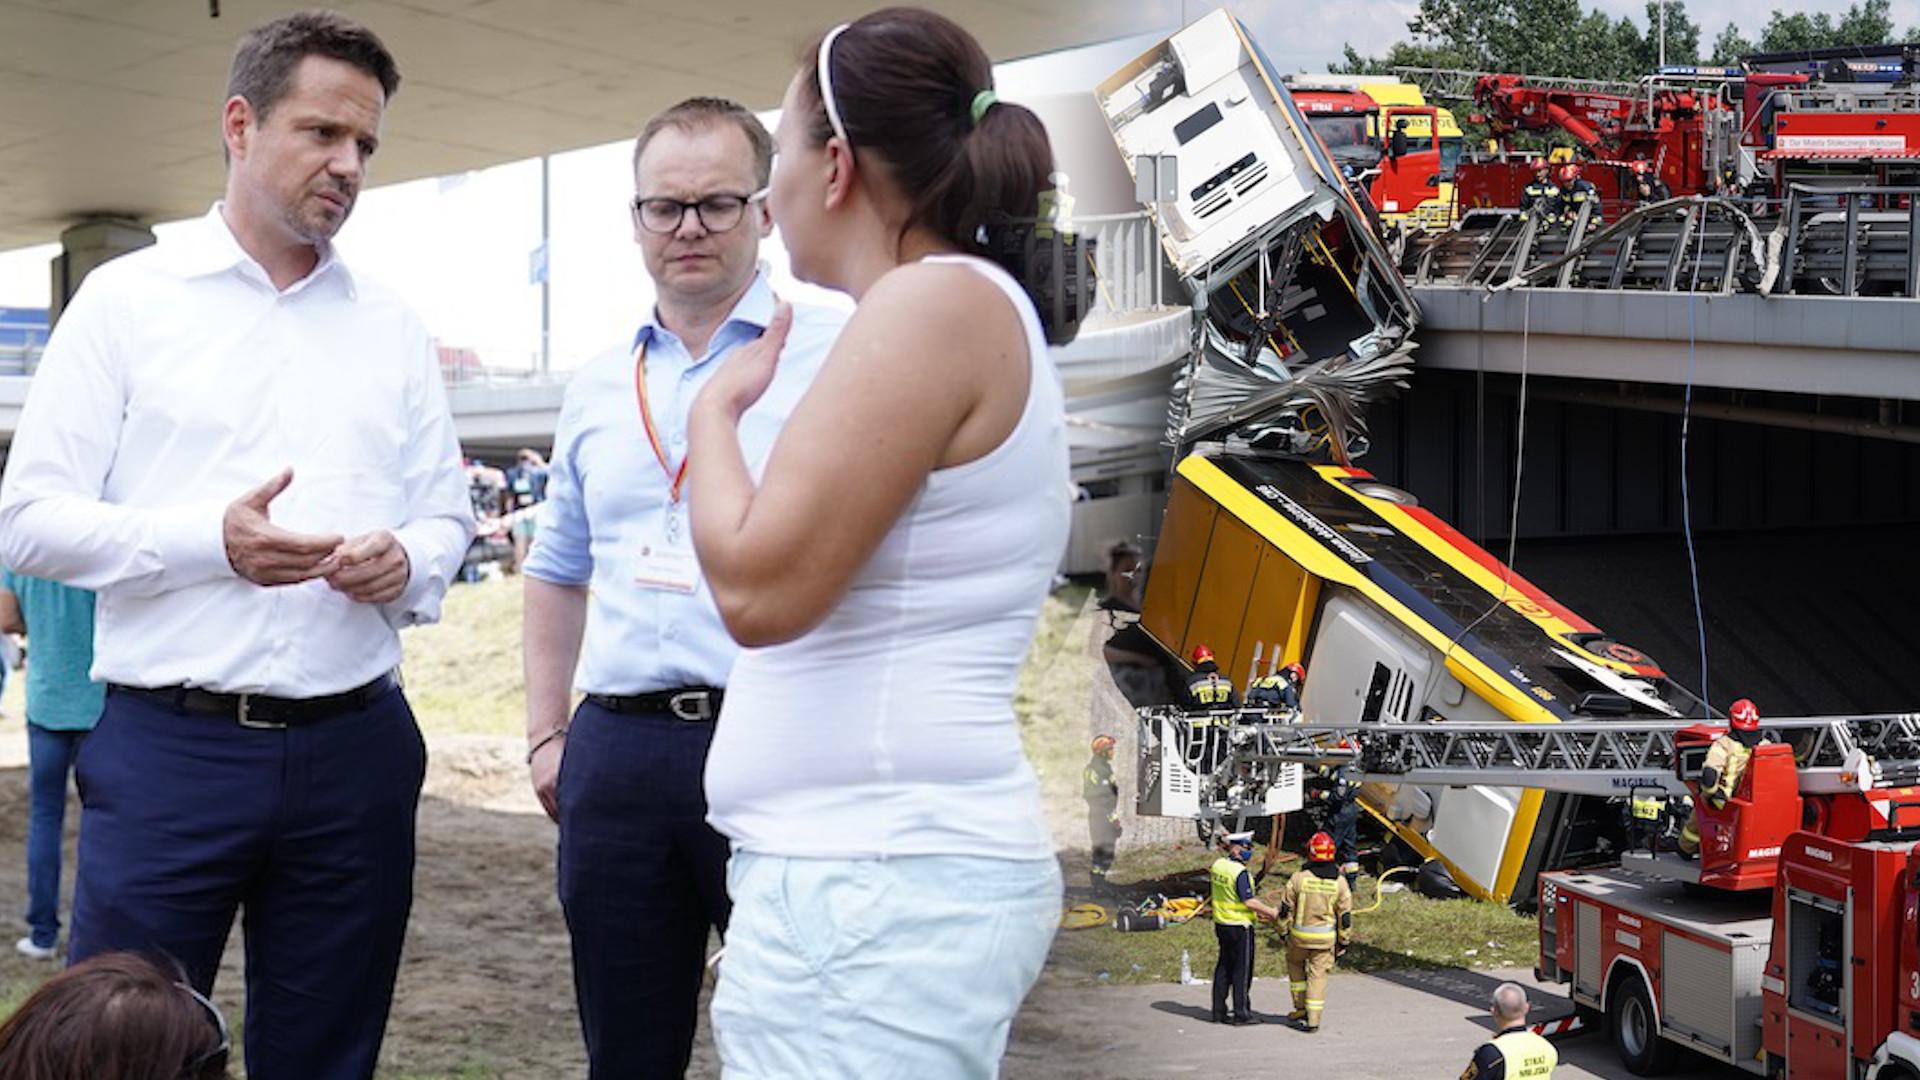 Wypadek autobusu w Warszawie: Kierowca był pod wpływem narkotyków?